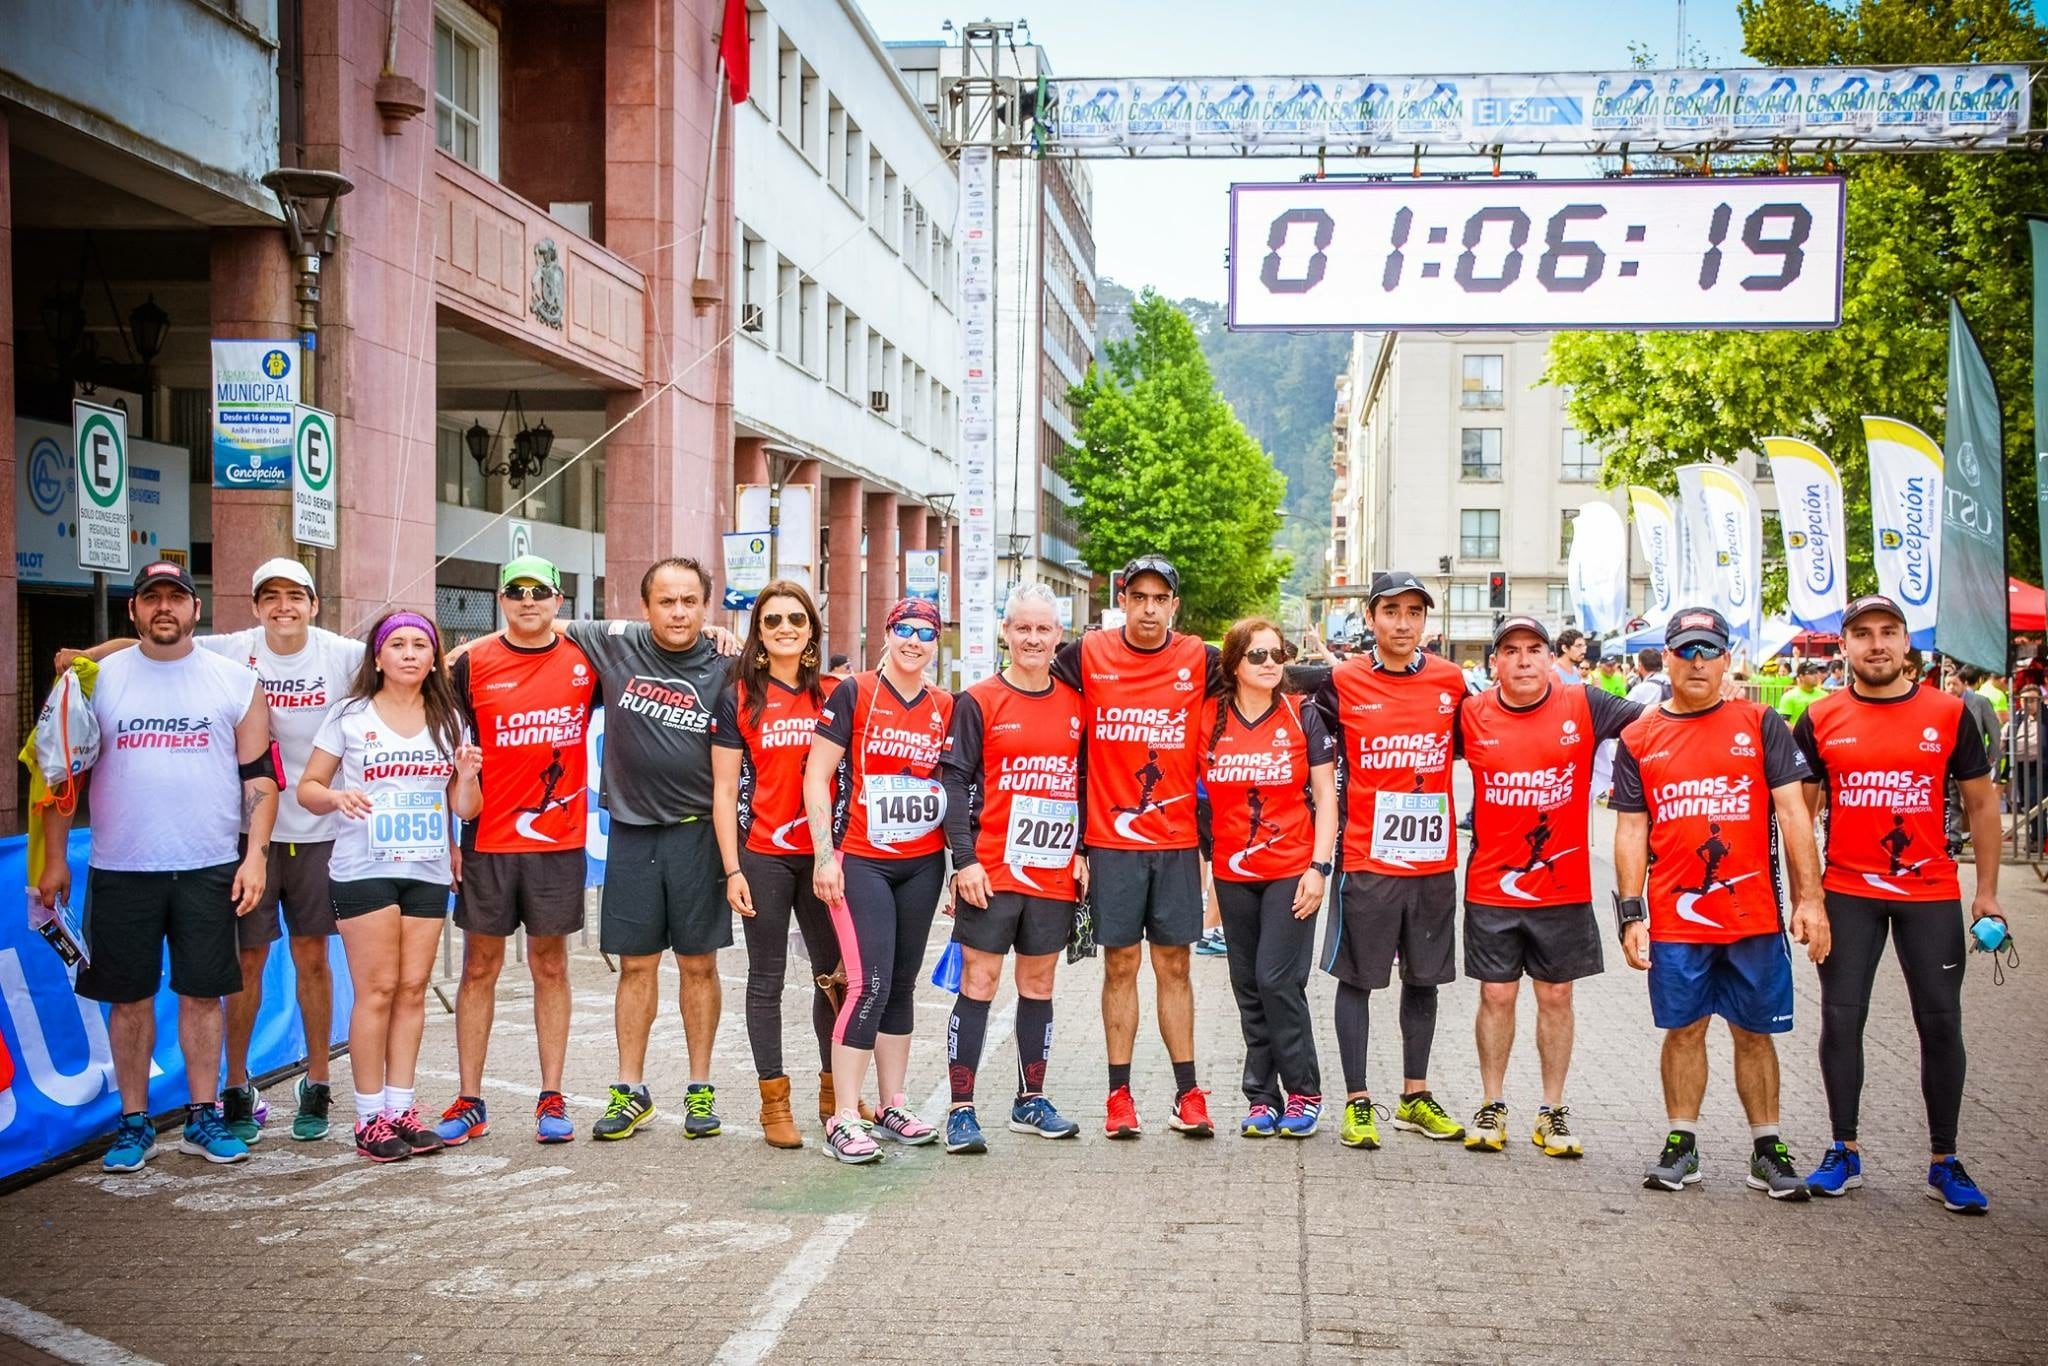 Lomas Runners